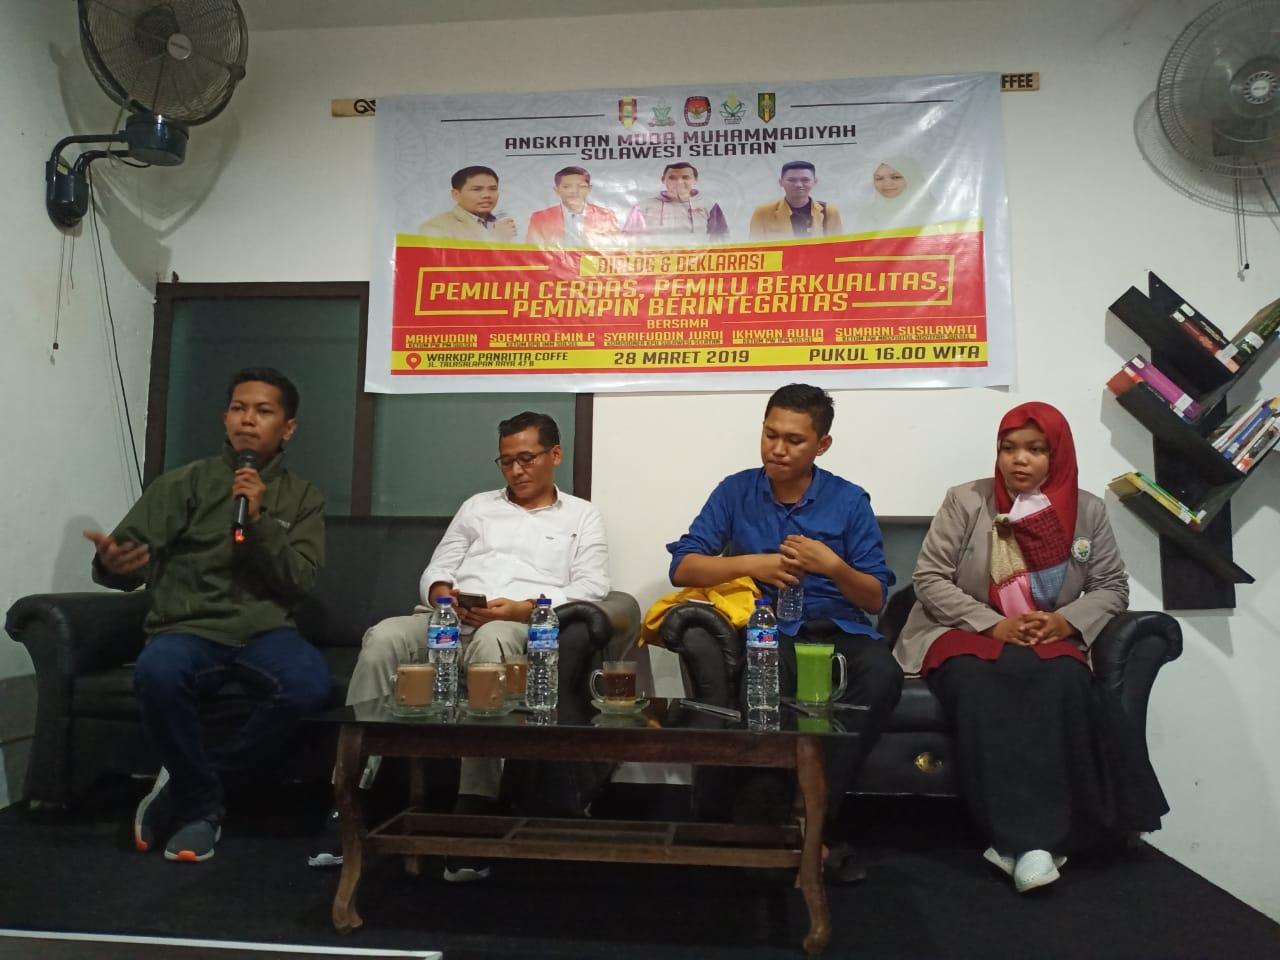 Gandeng KPU, AMM Sulsel Siap Sukseskan Pemilu 2019, Berikut Ikrarnya